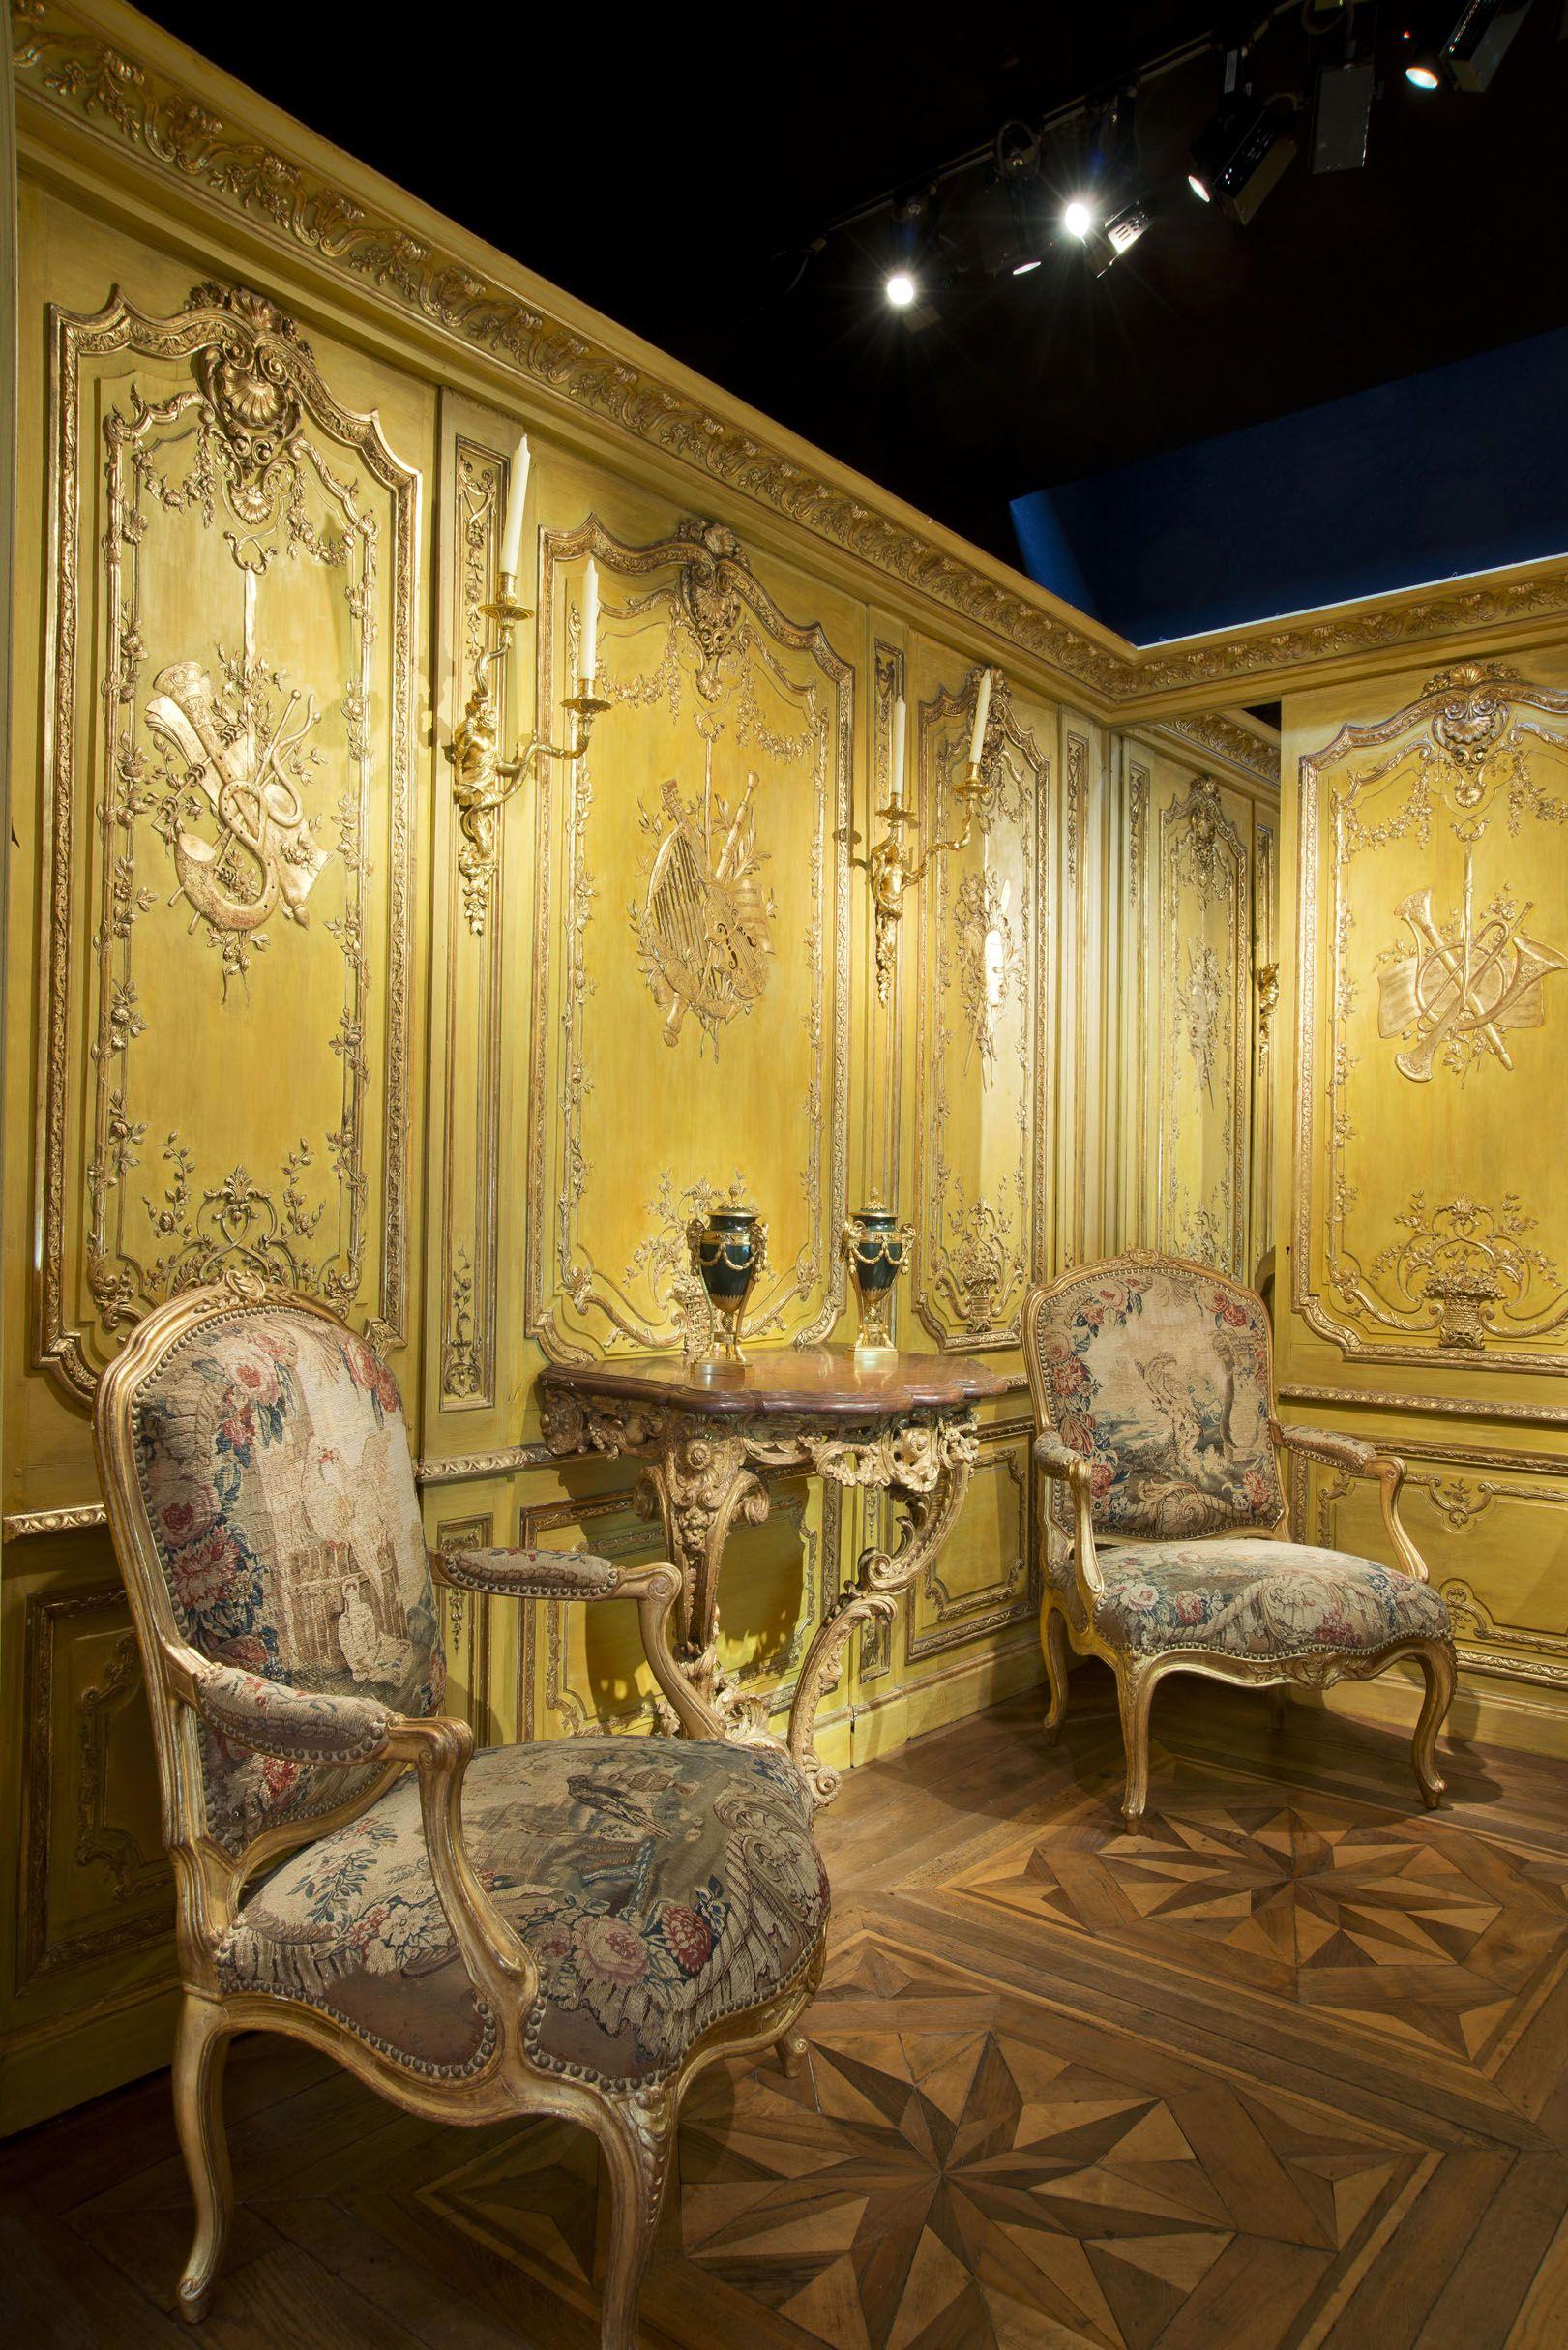 La Biennale Paris 2017 #booth #woodpaneling #antiques #exhibition ...